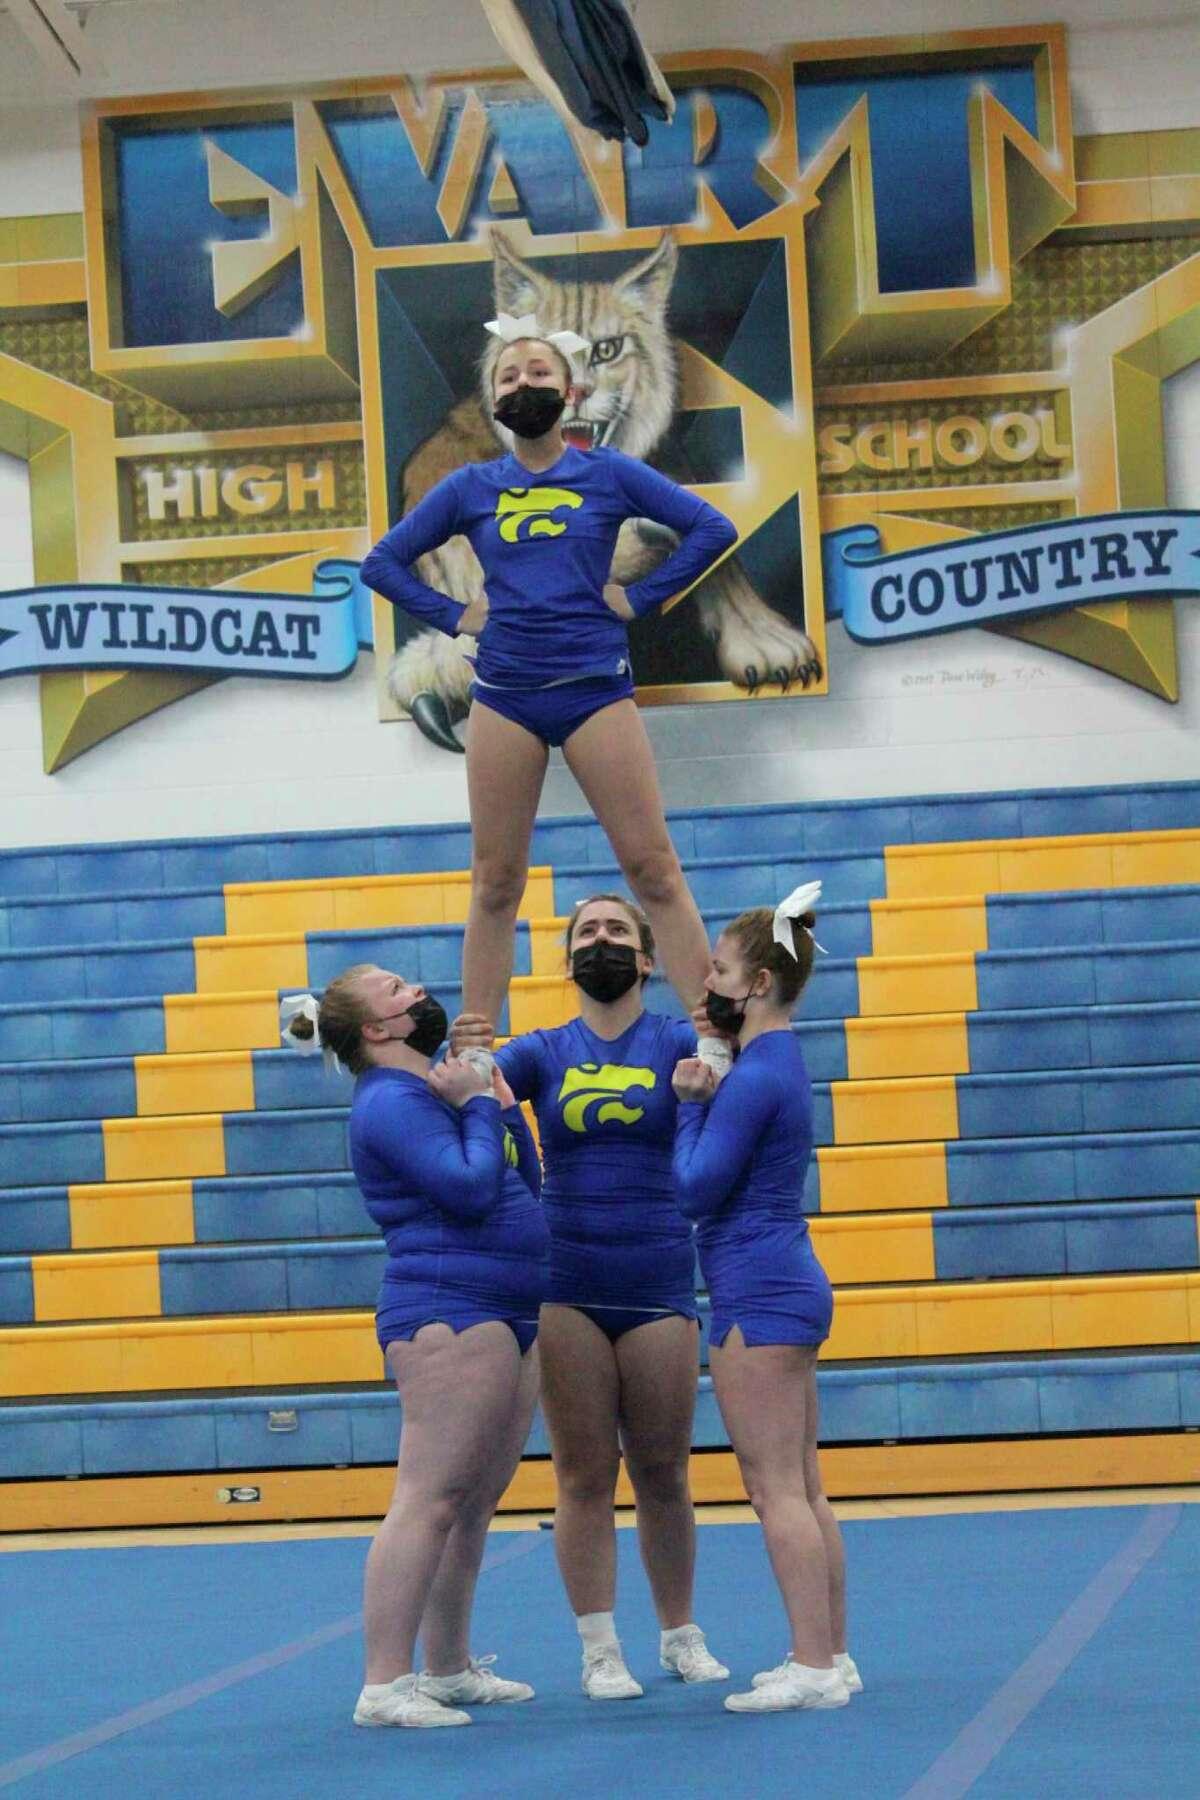 Evart cheerleaders work on their round three during Saturday's cheer meet. (Pioneer photo/John Raffel)